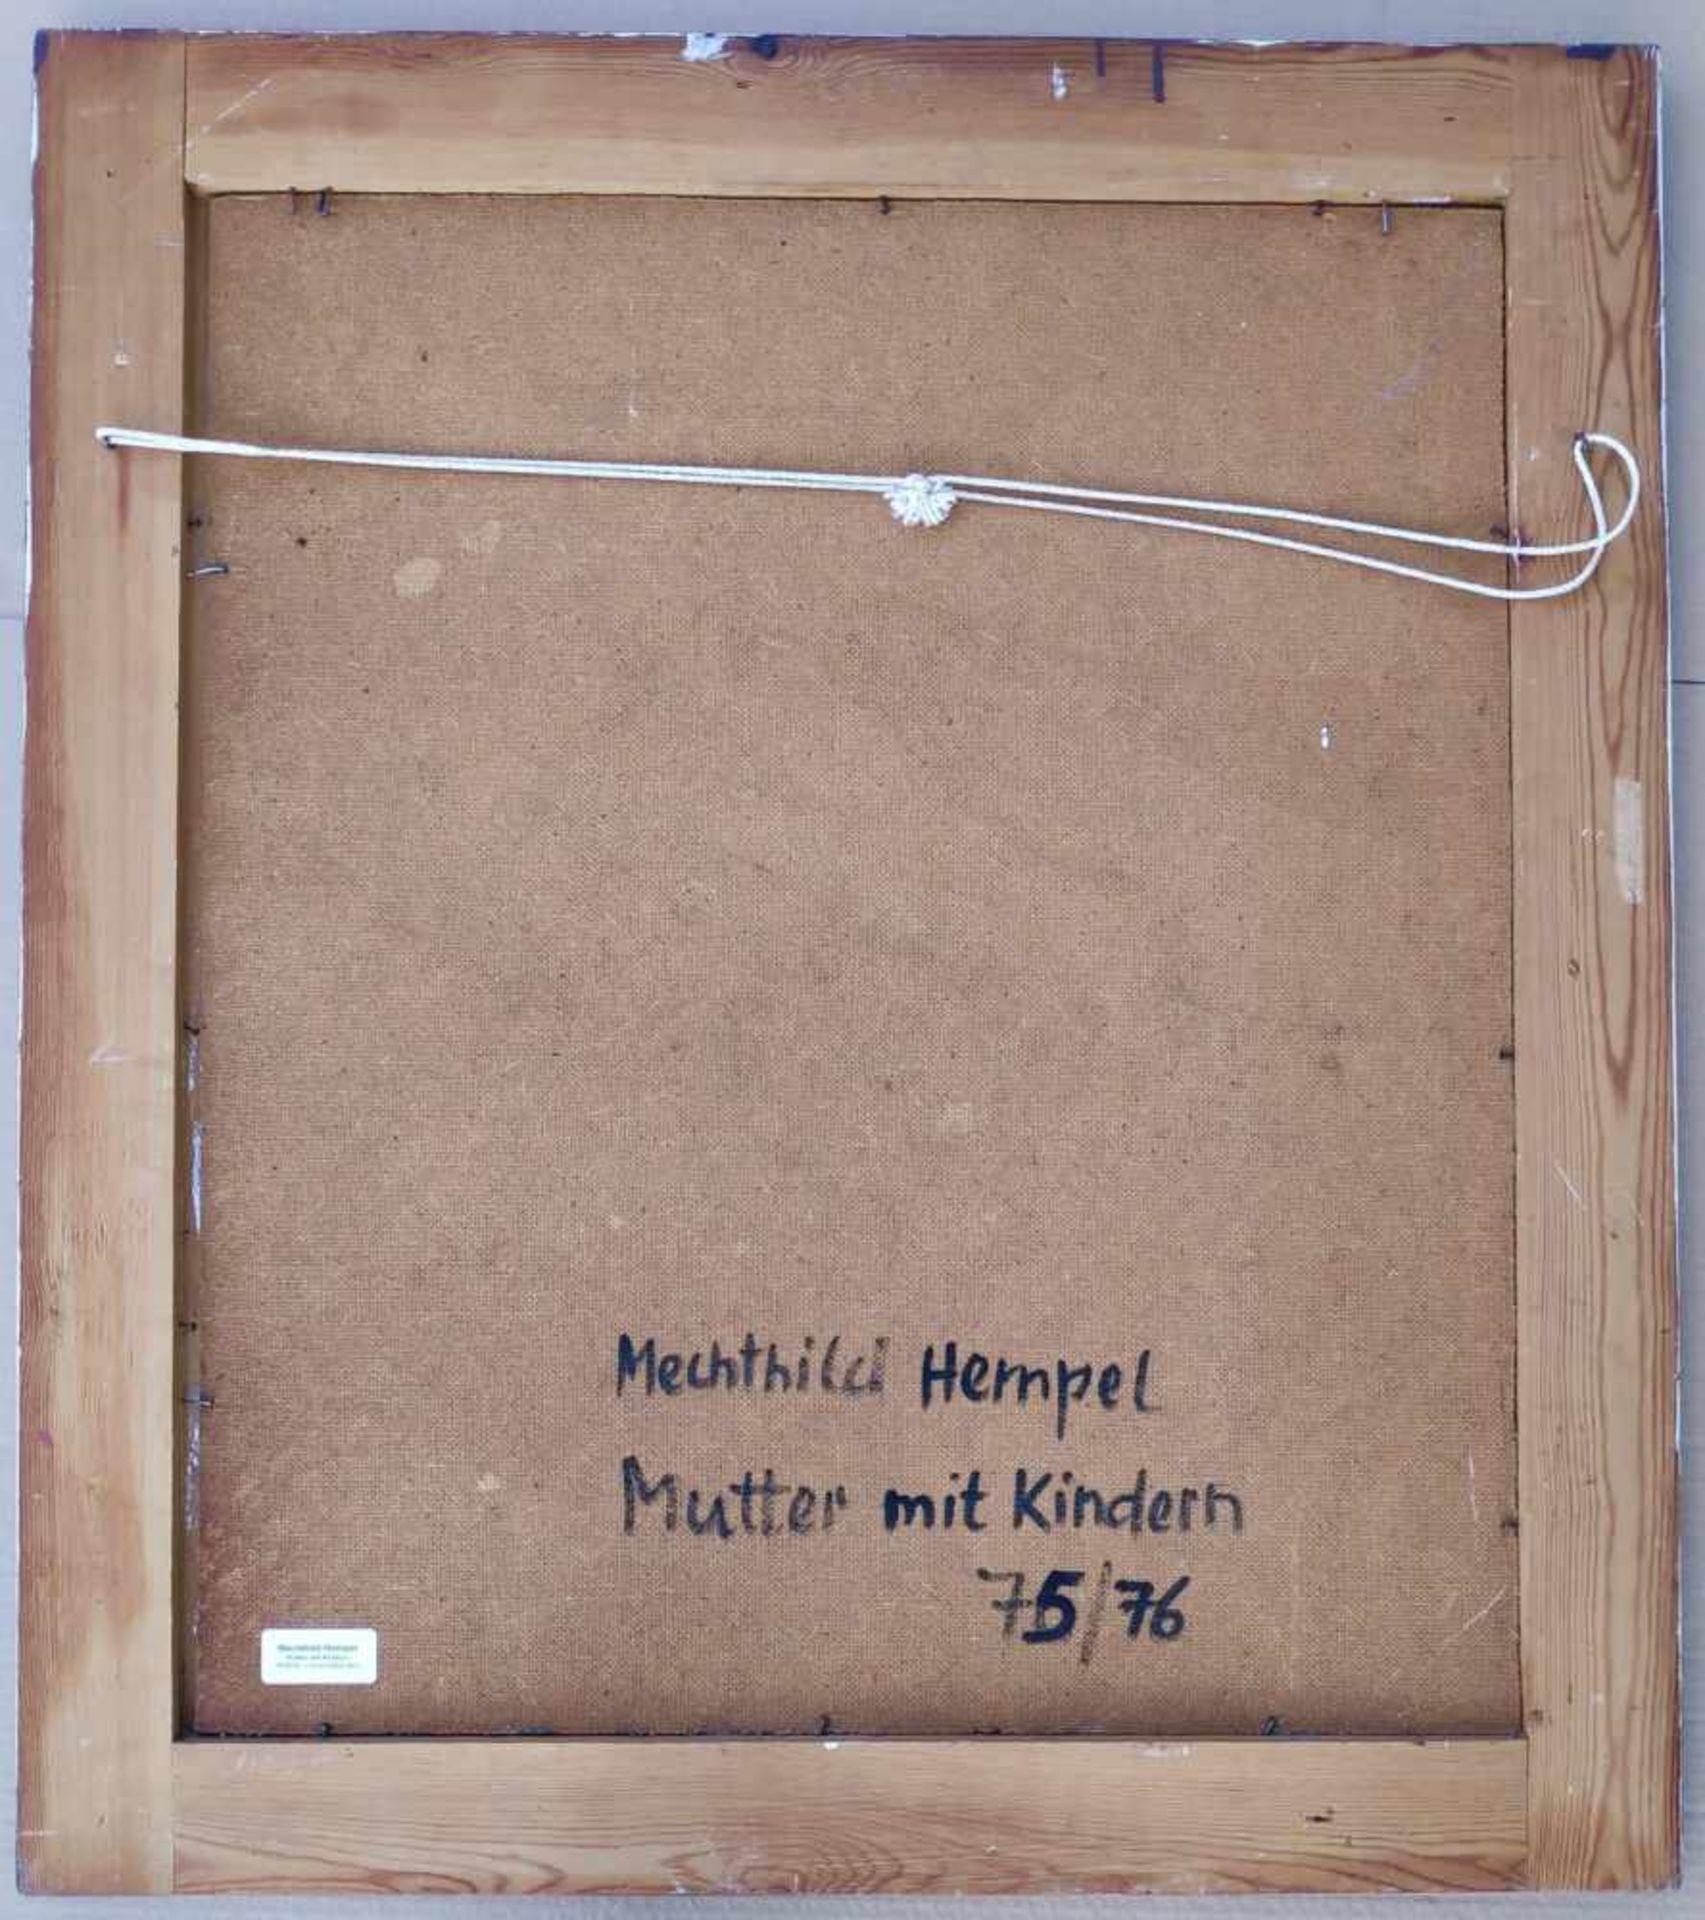 Hempel, Mechthild (1925 Frauendorf bei Stettin – 2012 Greifswald) - Bild 8 aus 9